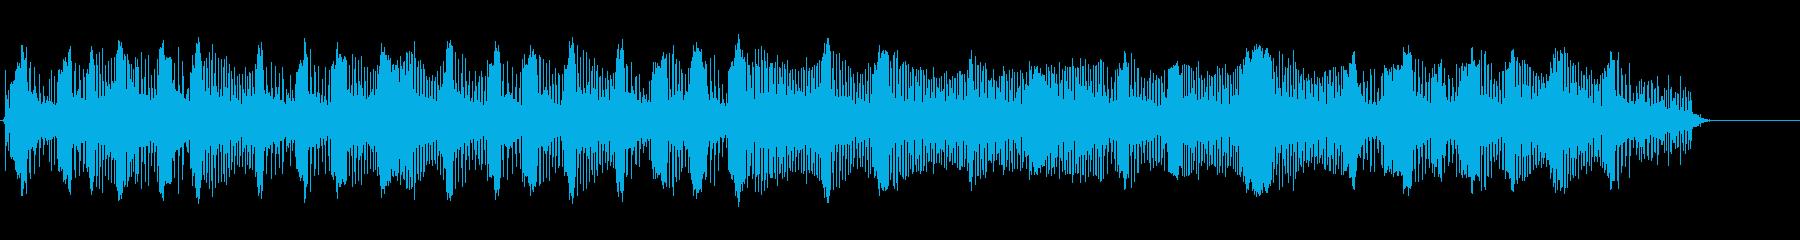 ピアジオバイク-開始-改訂2の再生済みの波形